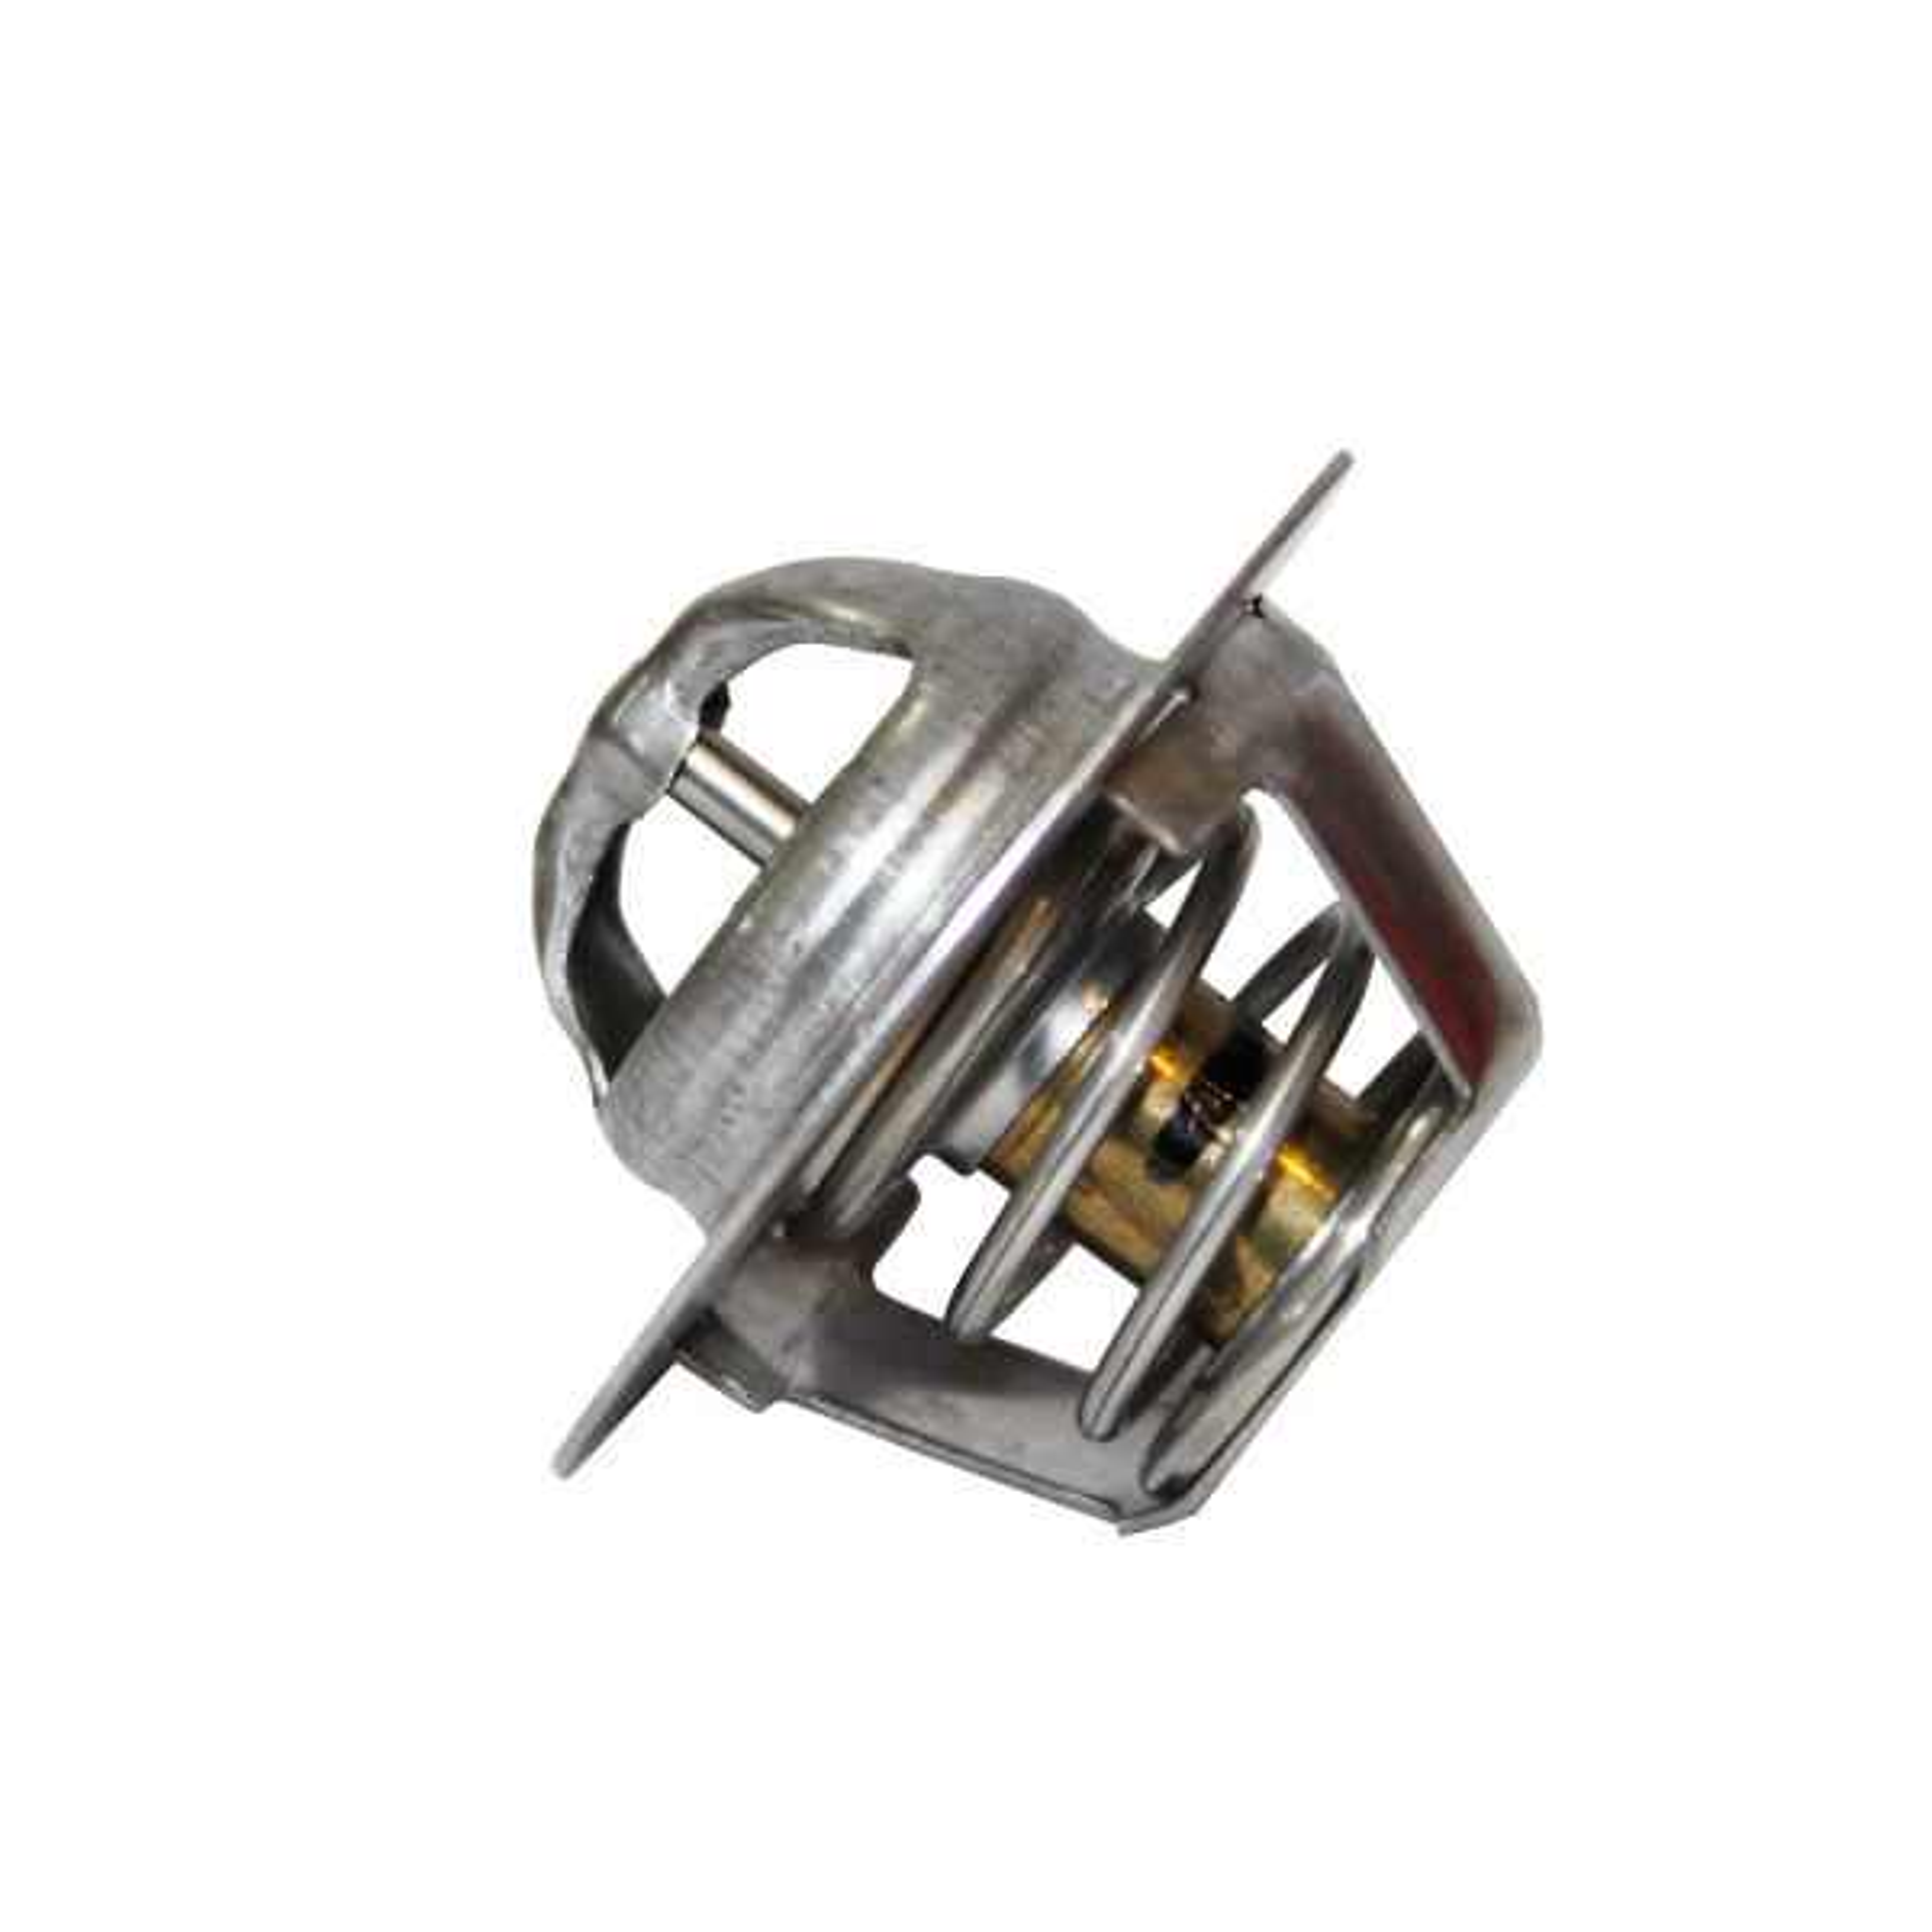 ترموستات توسن مدل TSTH7405D83 مناسب برای پژو 405